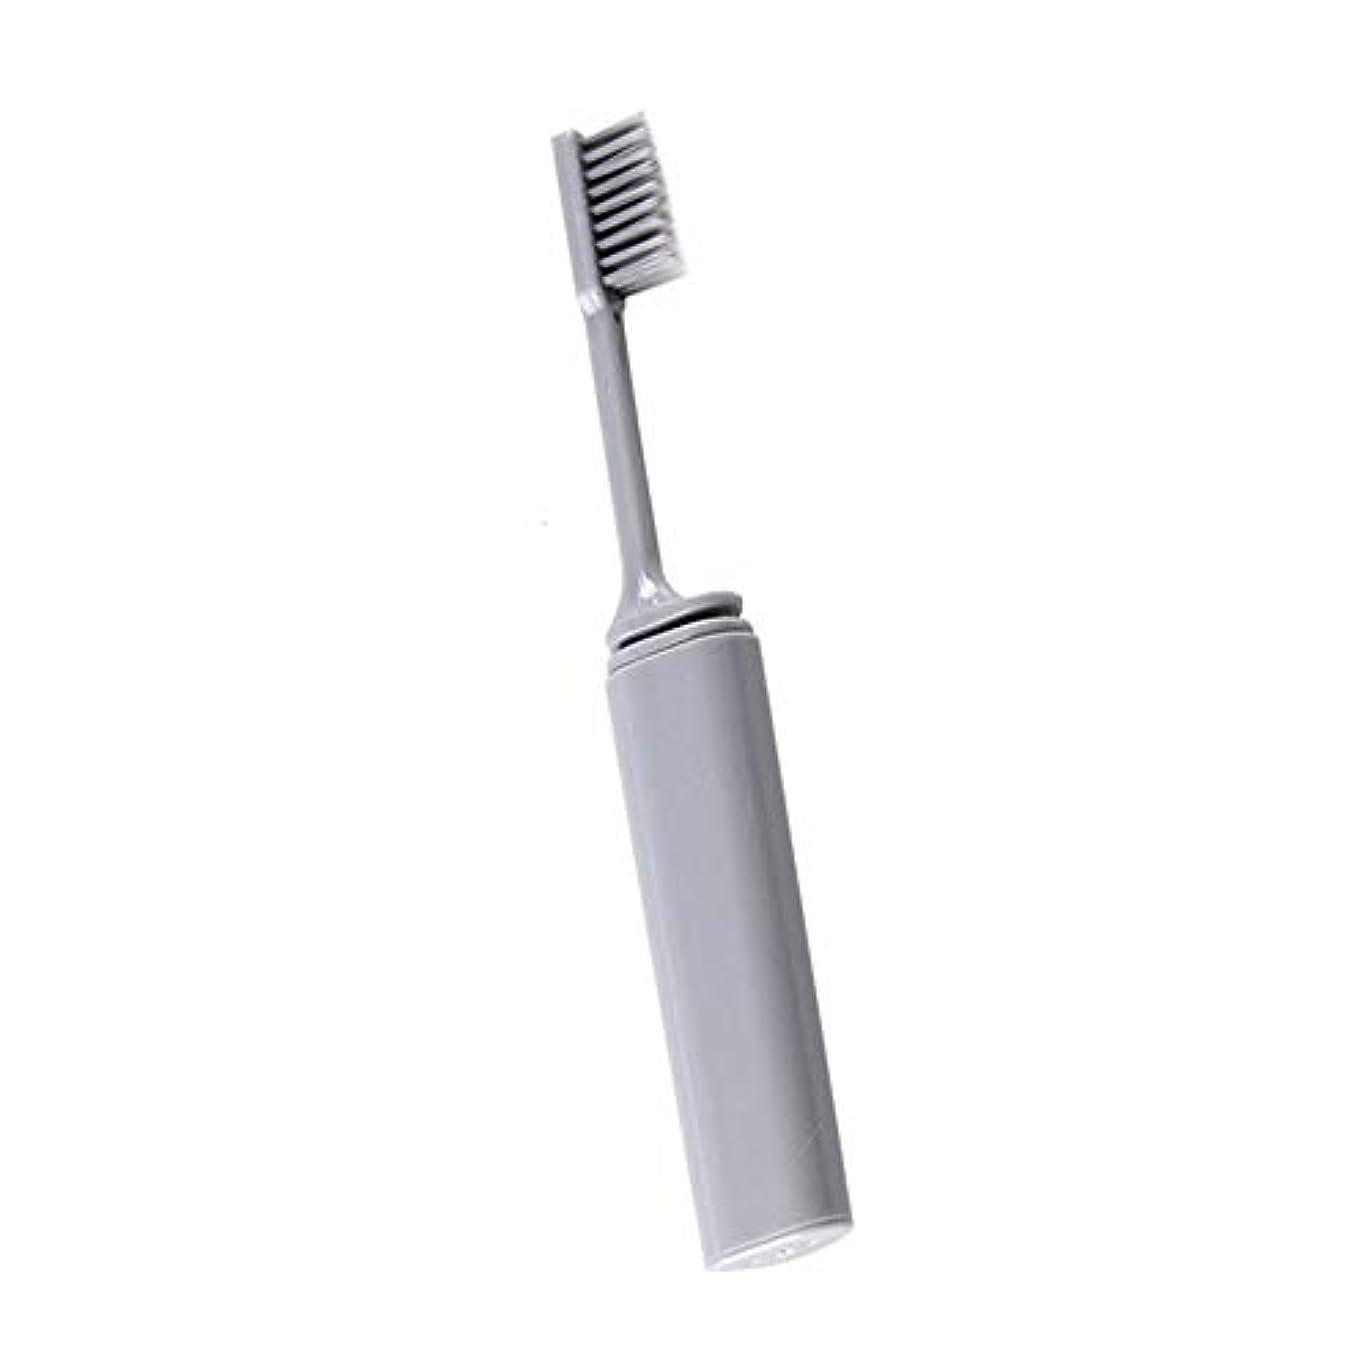 夜明けフルーツカナダOnior 旅行歯ブラシ 折りたたみ歯ブラシ 携帯歯ブラシ 外出 旅行用品, ソフト コンパクト歯ブラシ 便利 折りたたみ 耐久性 携帯用 灰色